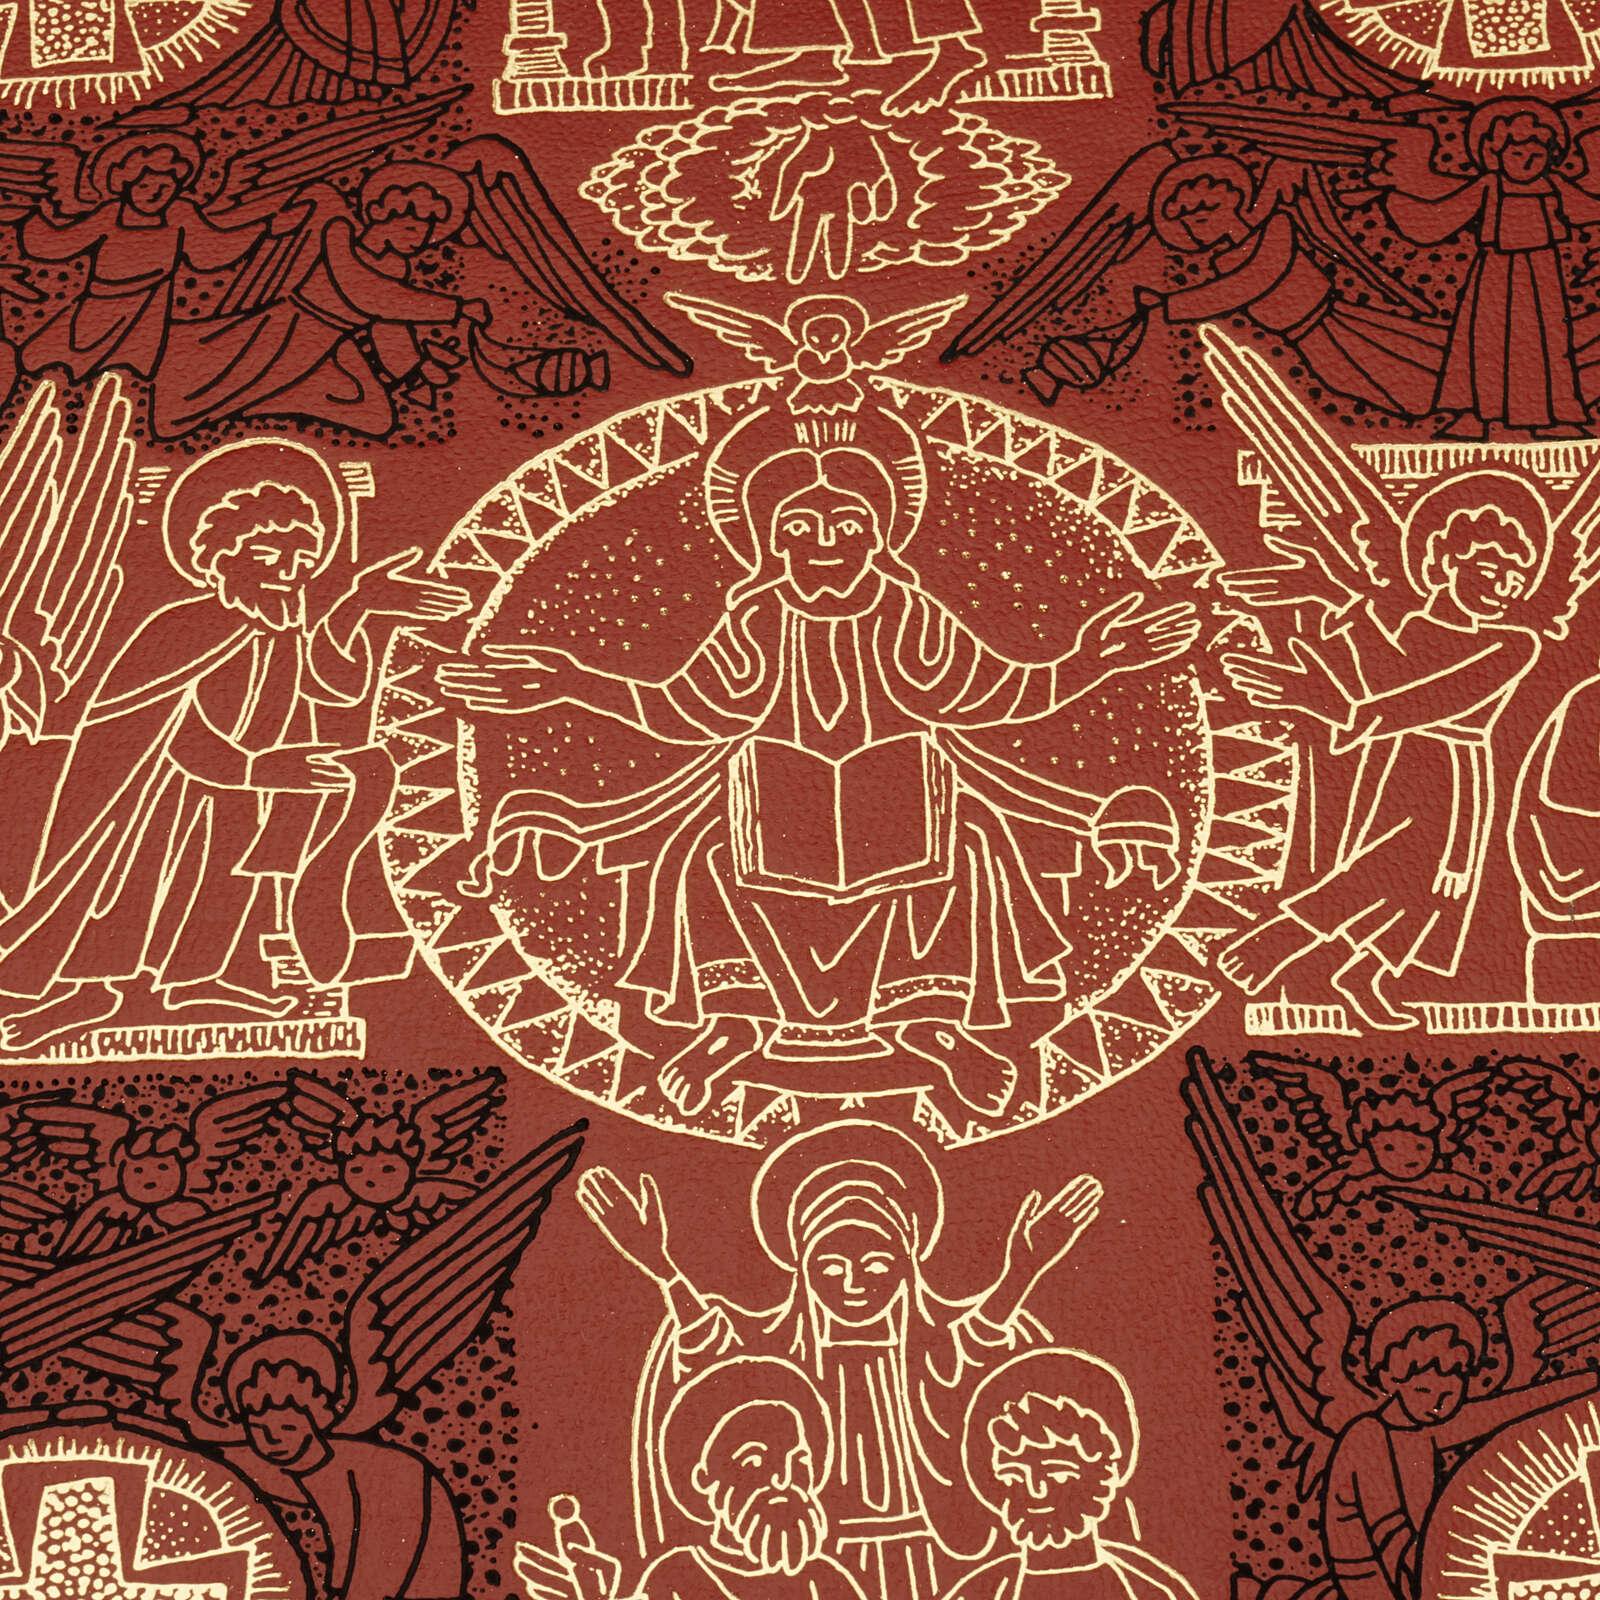 Carrilhão para celebração litúrgica quatro sinos latão dourado 4